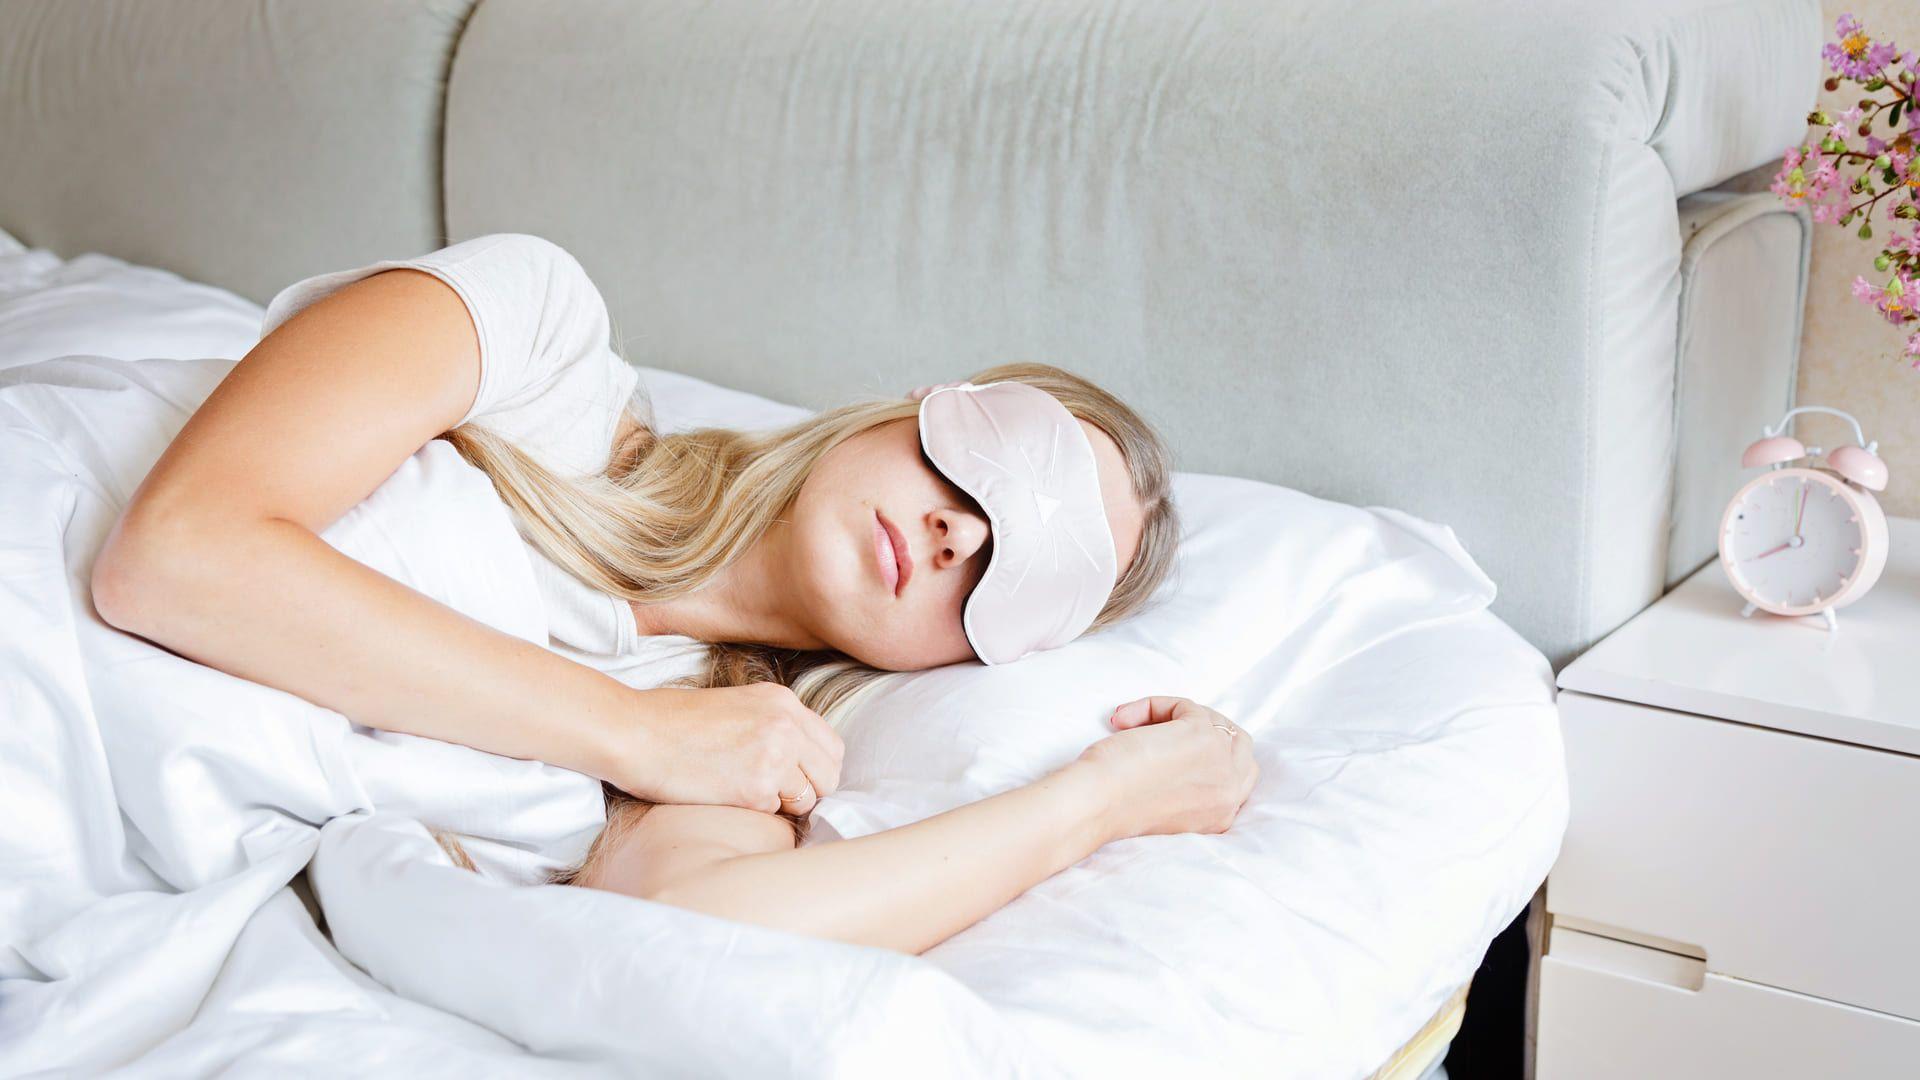 Como dormir bem: veja abaixo apps para te auxiliar (Foto: Shutterstock)